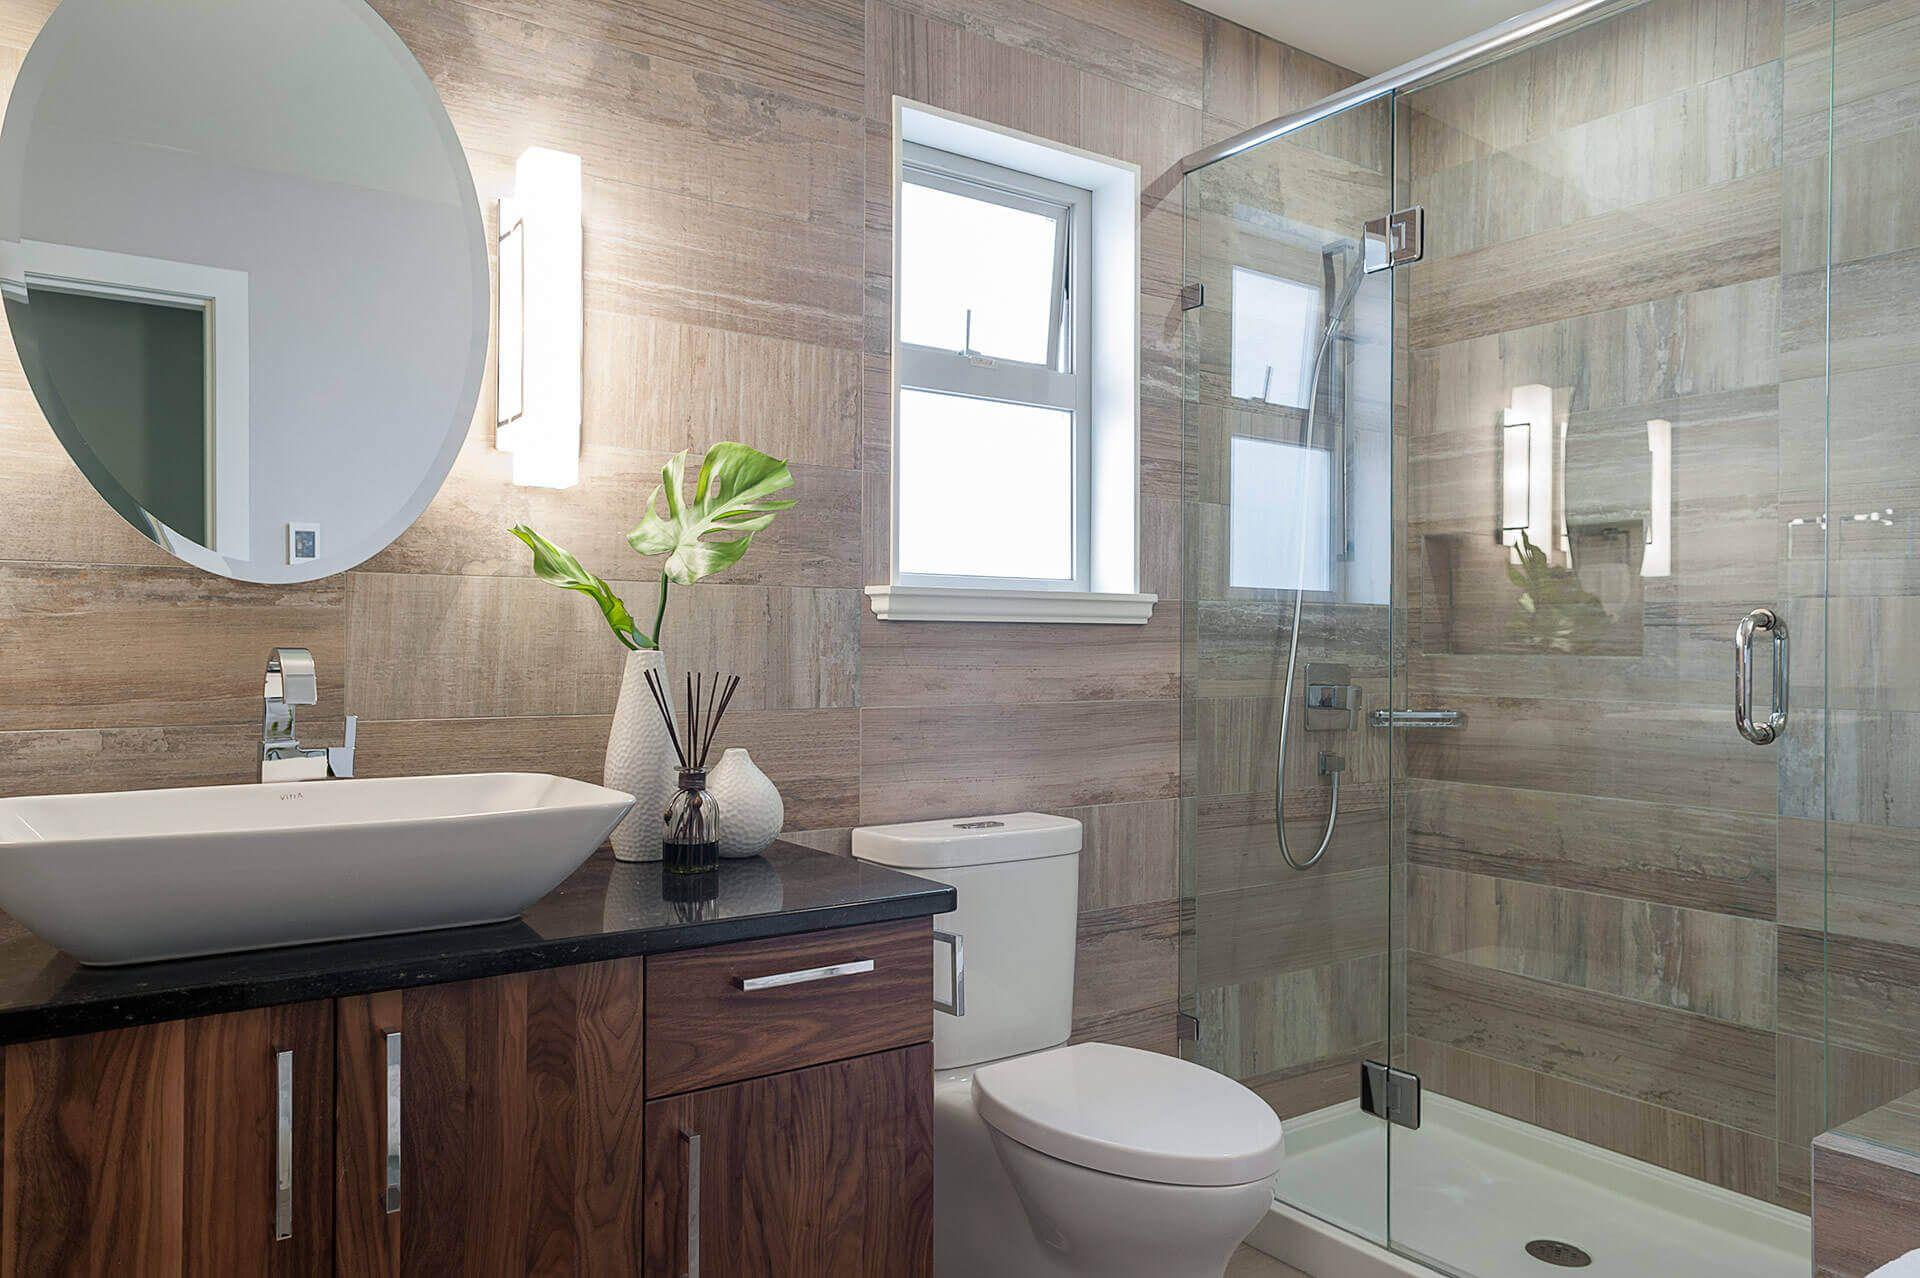 Badezimmer Umgestalten Galerie In 2020 Kleines Bad Renovierungen Badezimmer Design Kleines Badezimmer Umgestalten